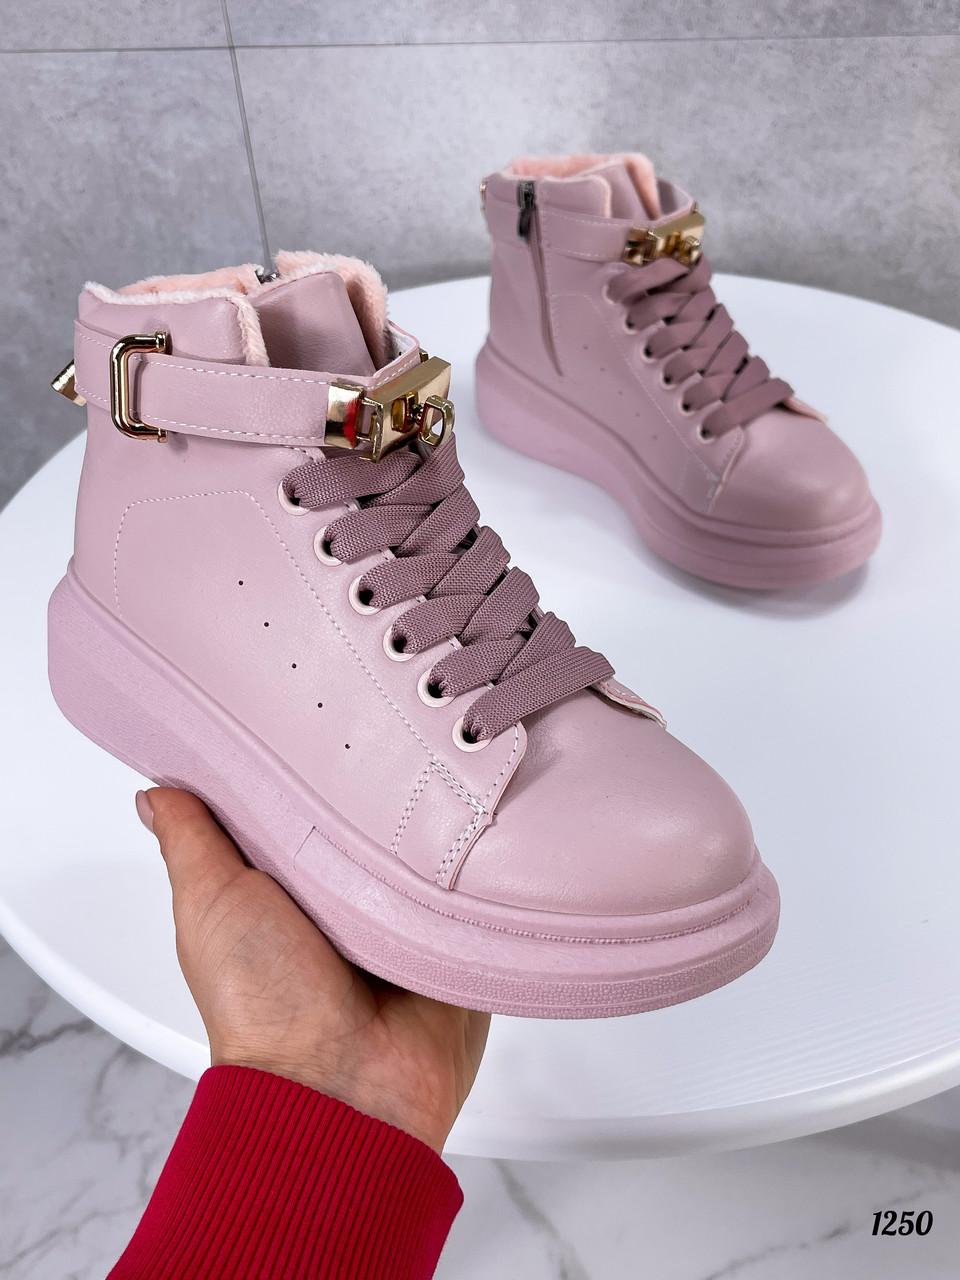 Кроссовки- хайтопы женские розовые ДЕМИ эко кожа